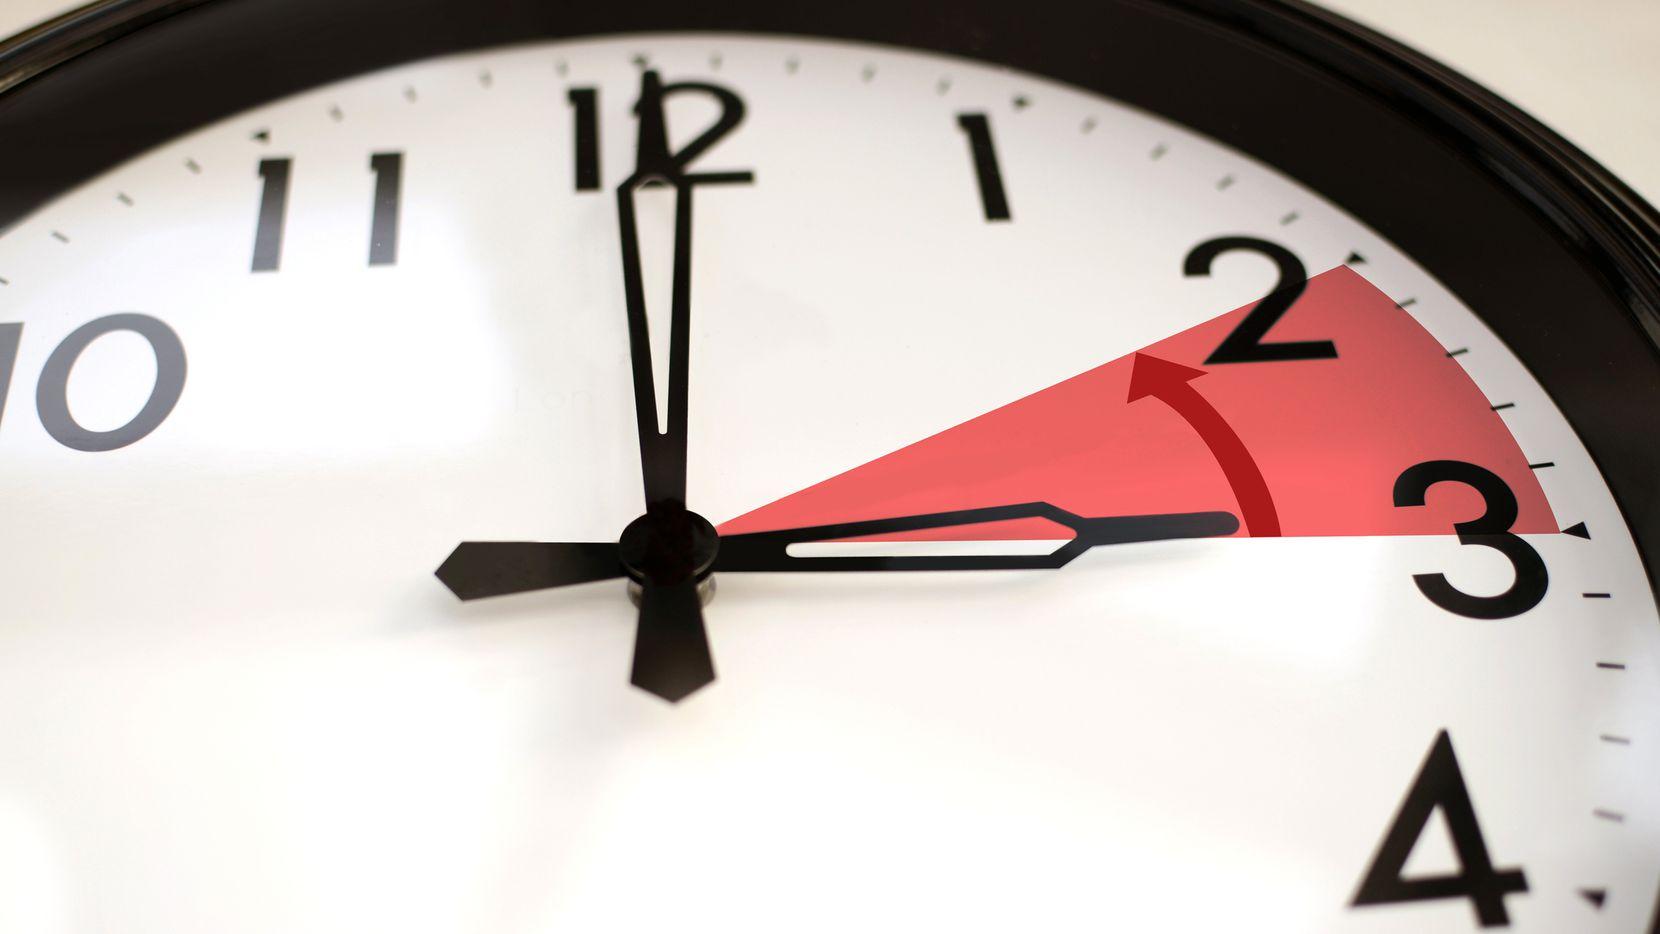 """El fin del """"Day Light Saving Time"""" o Horario de Verano (Horario de Ahorro de Luz) en 2021 es el 7 de noviembre."""